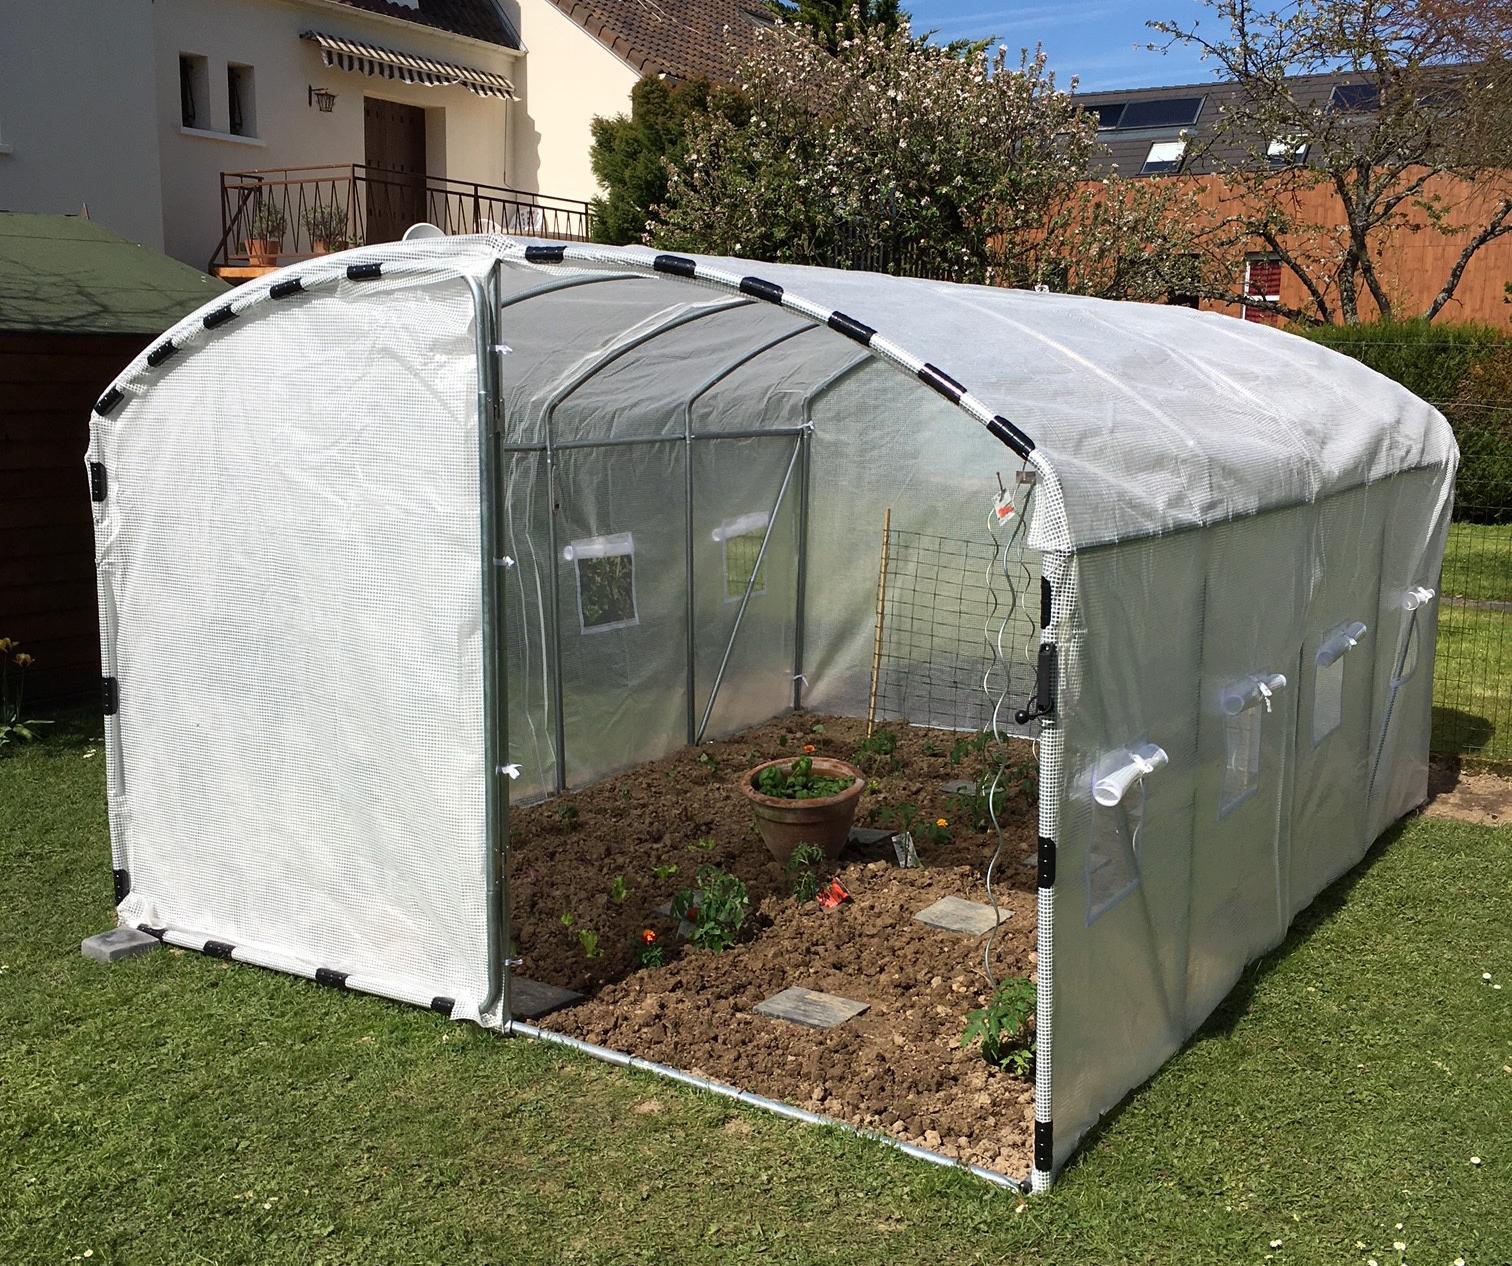 Quelle Bâche Choisir Pour Sa Serre De Jardin ? - France Serres dedans Bache Pour Serre De Jardin